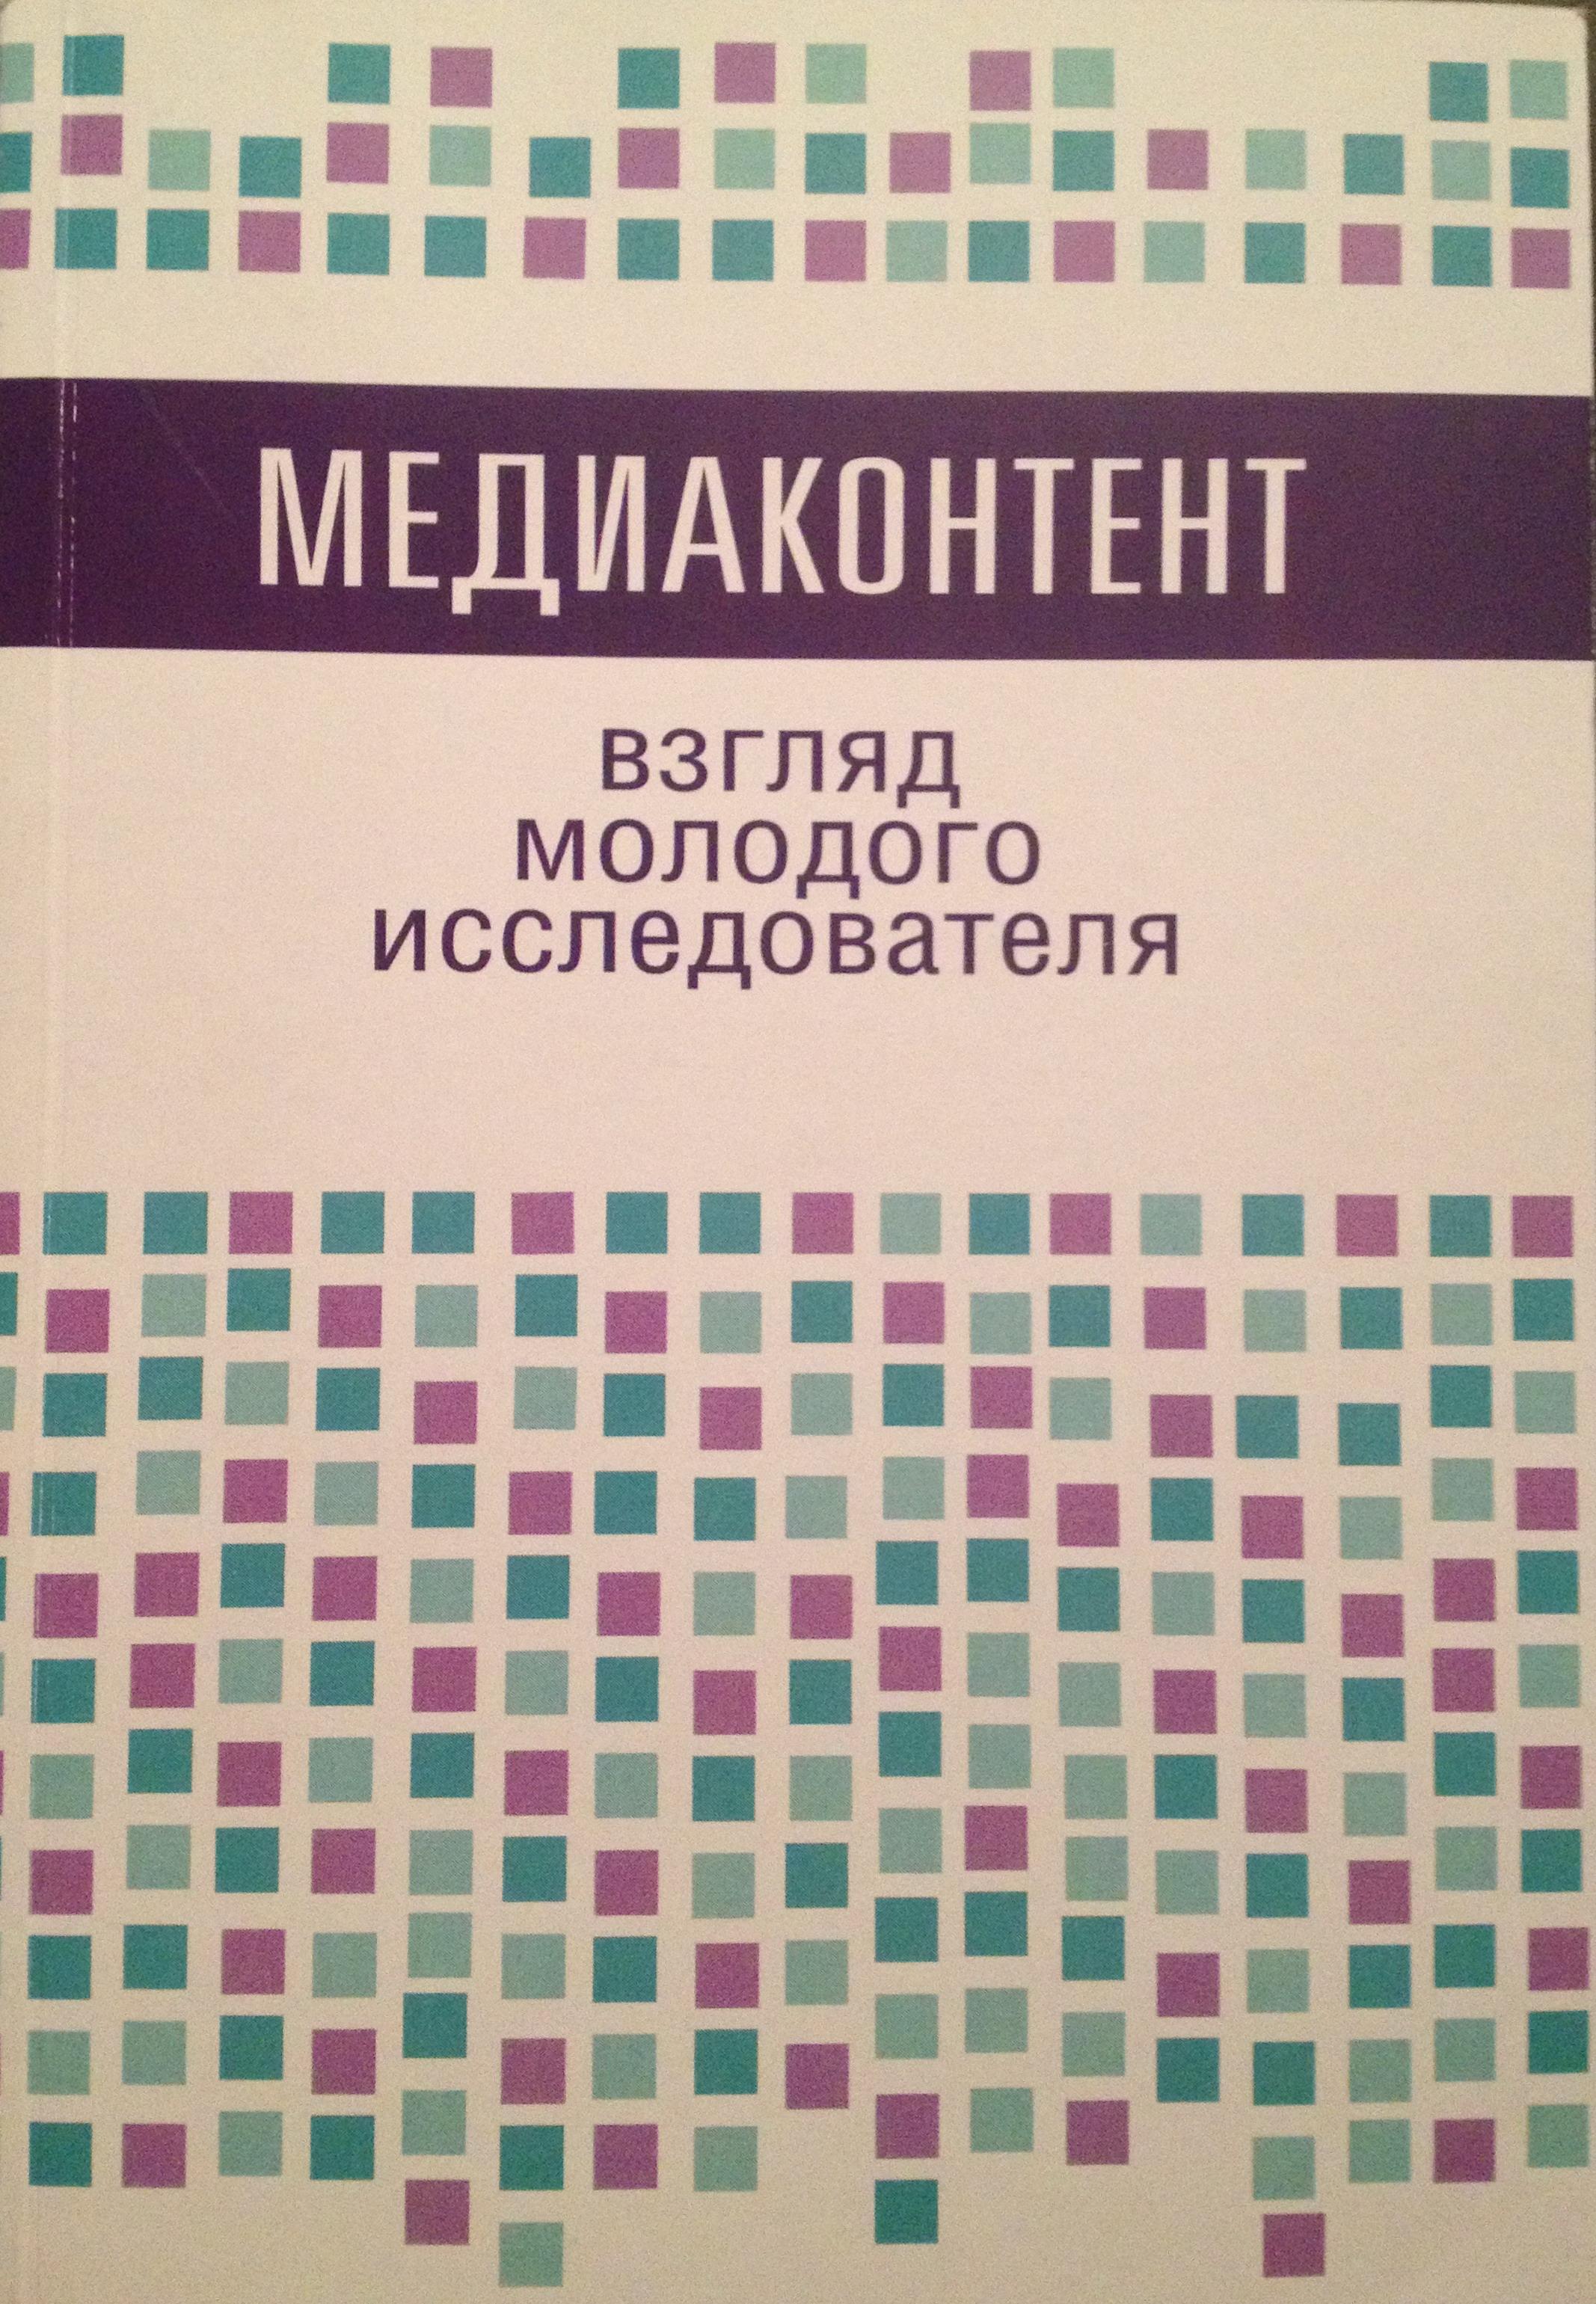 Советизация российского телевизионного контента на федеральных каналах